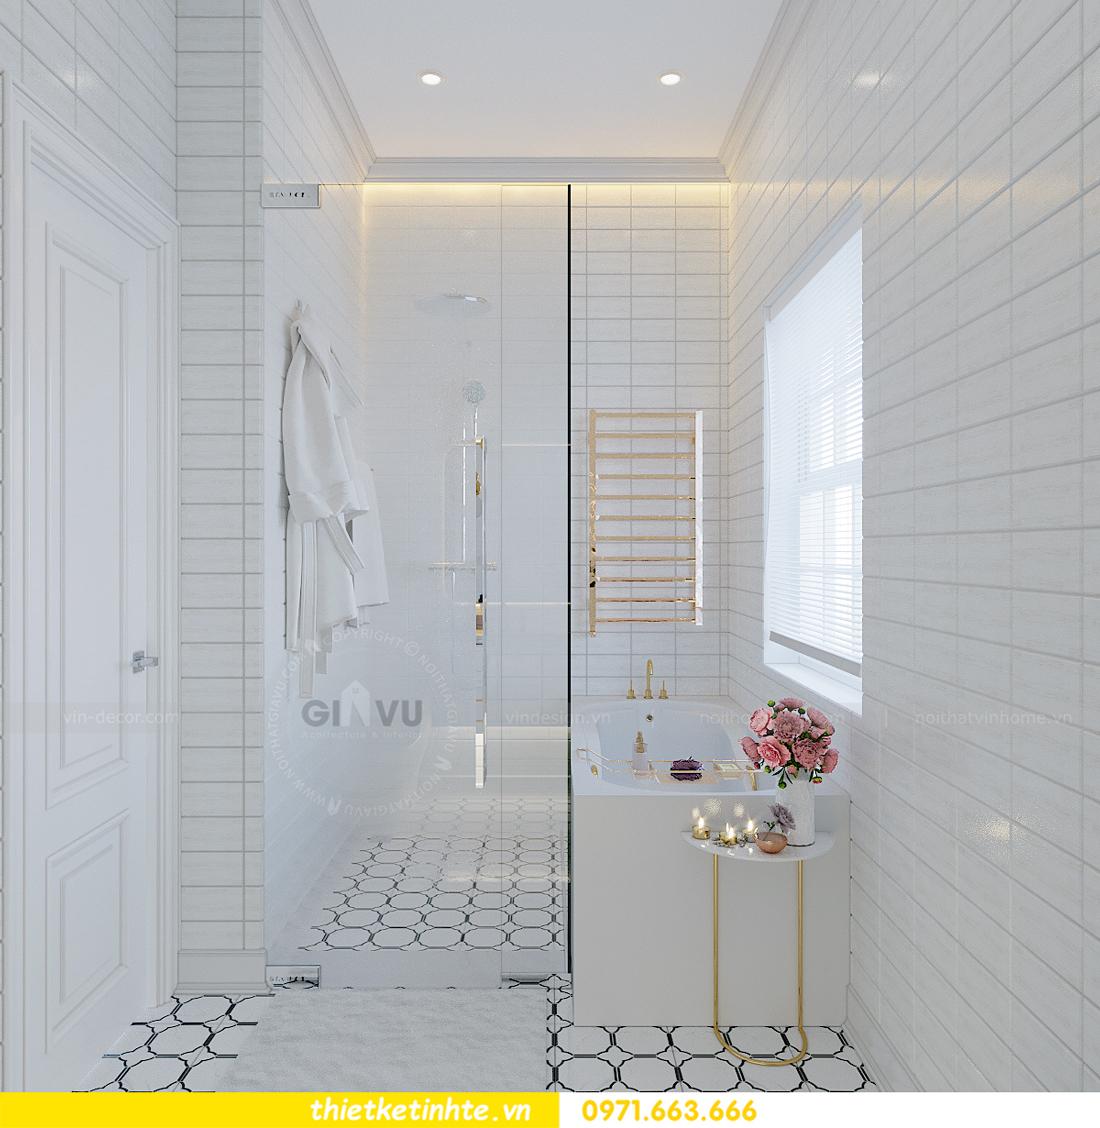 Thiết kế nội thất biệt thự Sao Biển 02-29 Ocean Park căn 90m2 22